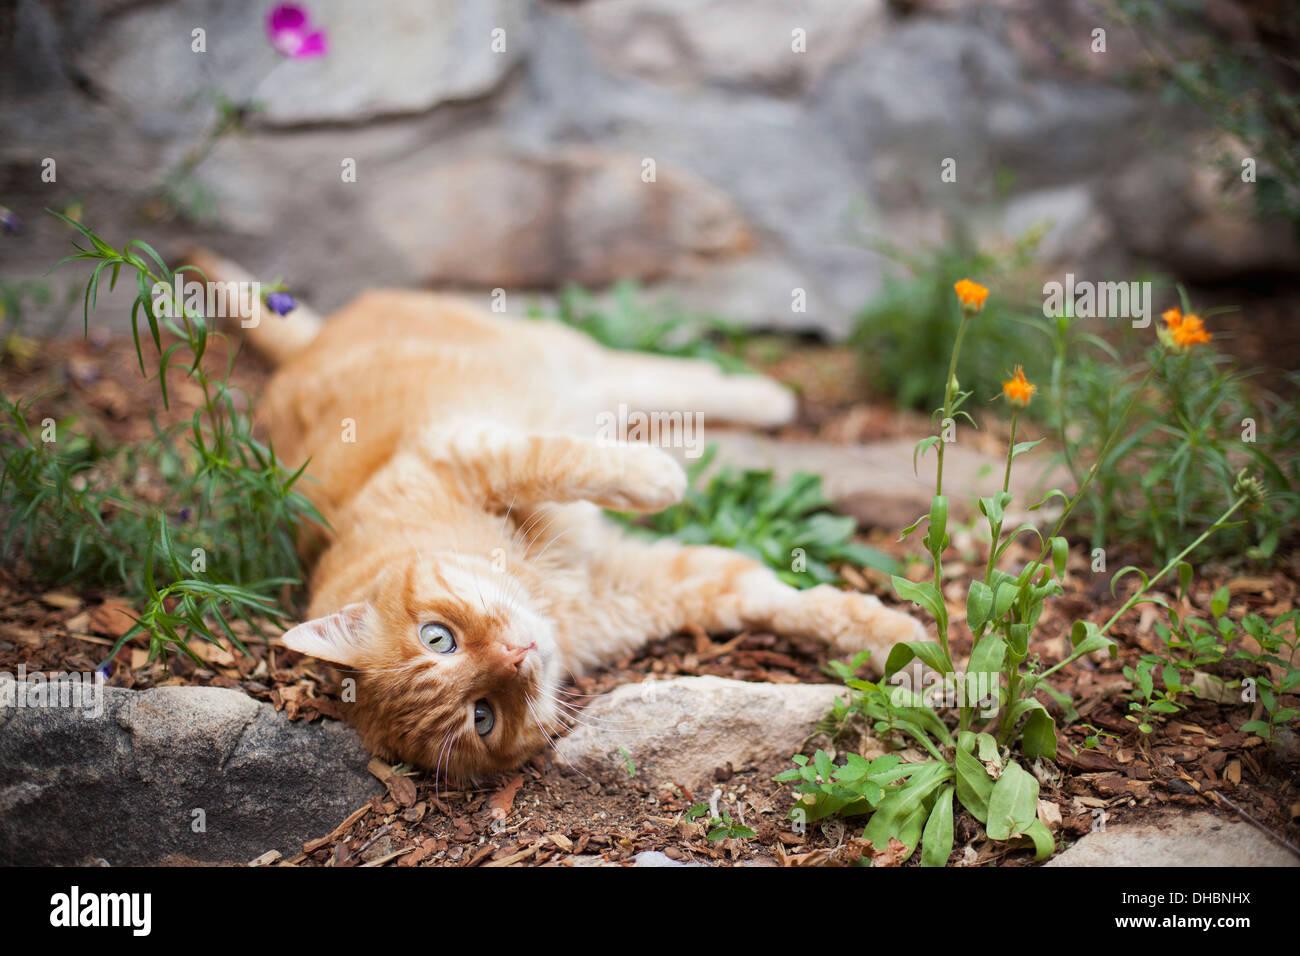 Gato atigrado naranja tumbado en el jardín Foto de stock